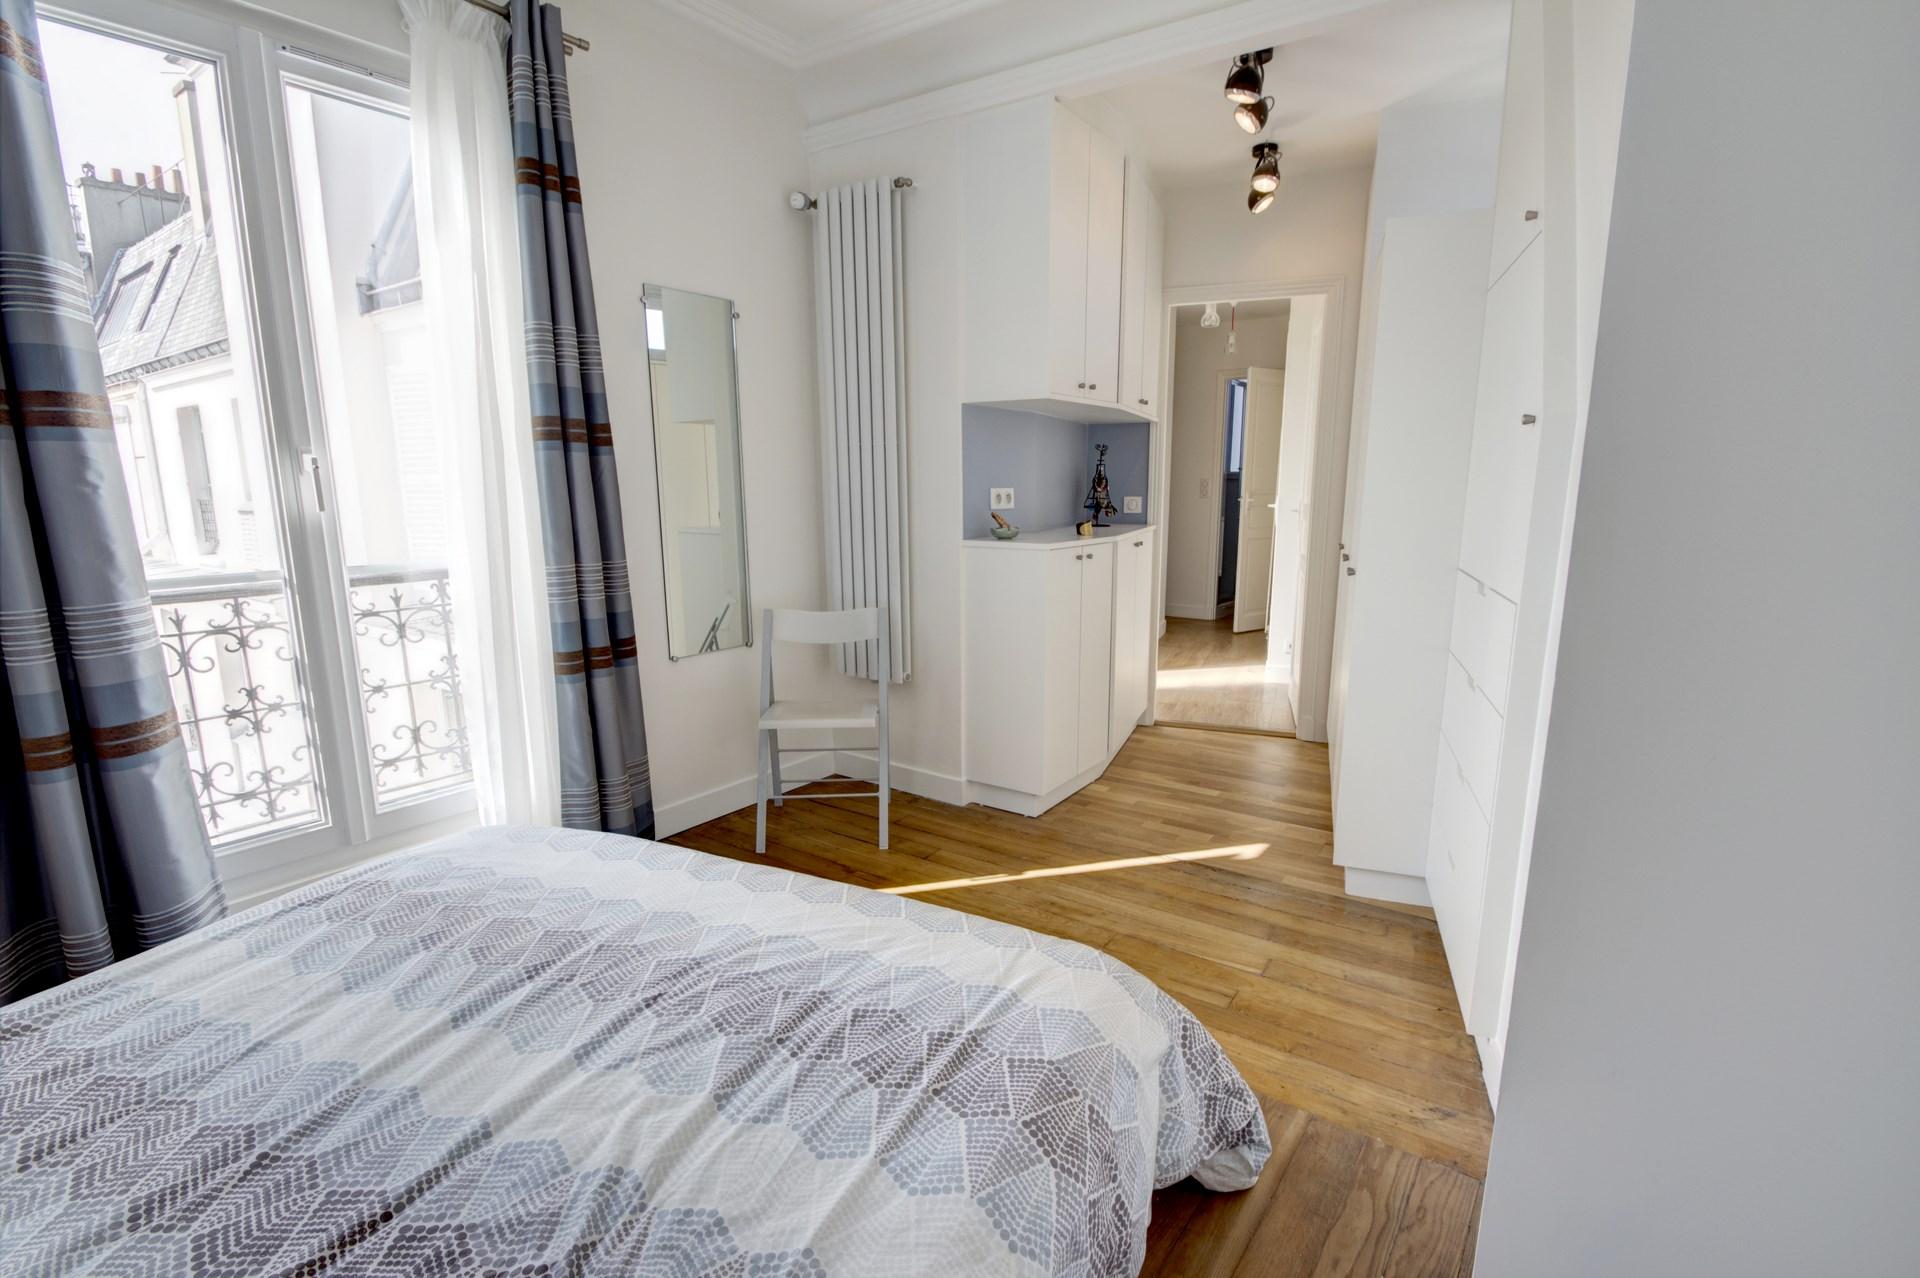 Optimisation Appartement Quai De Jemmapes Paris 10me